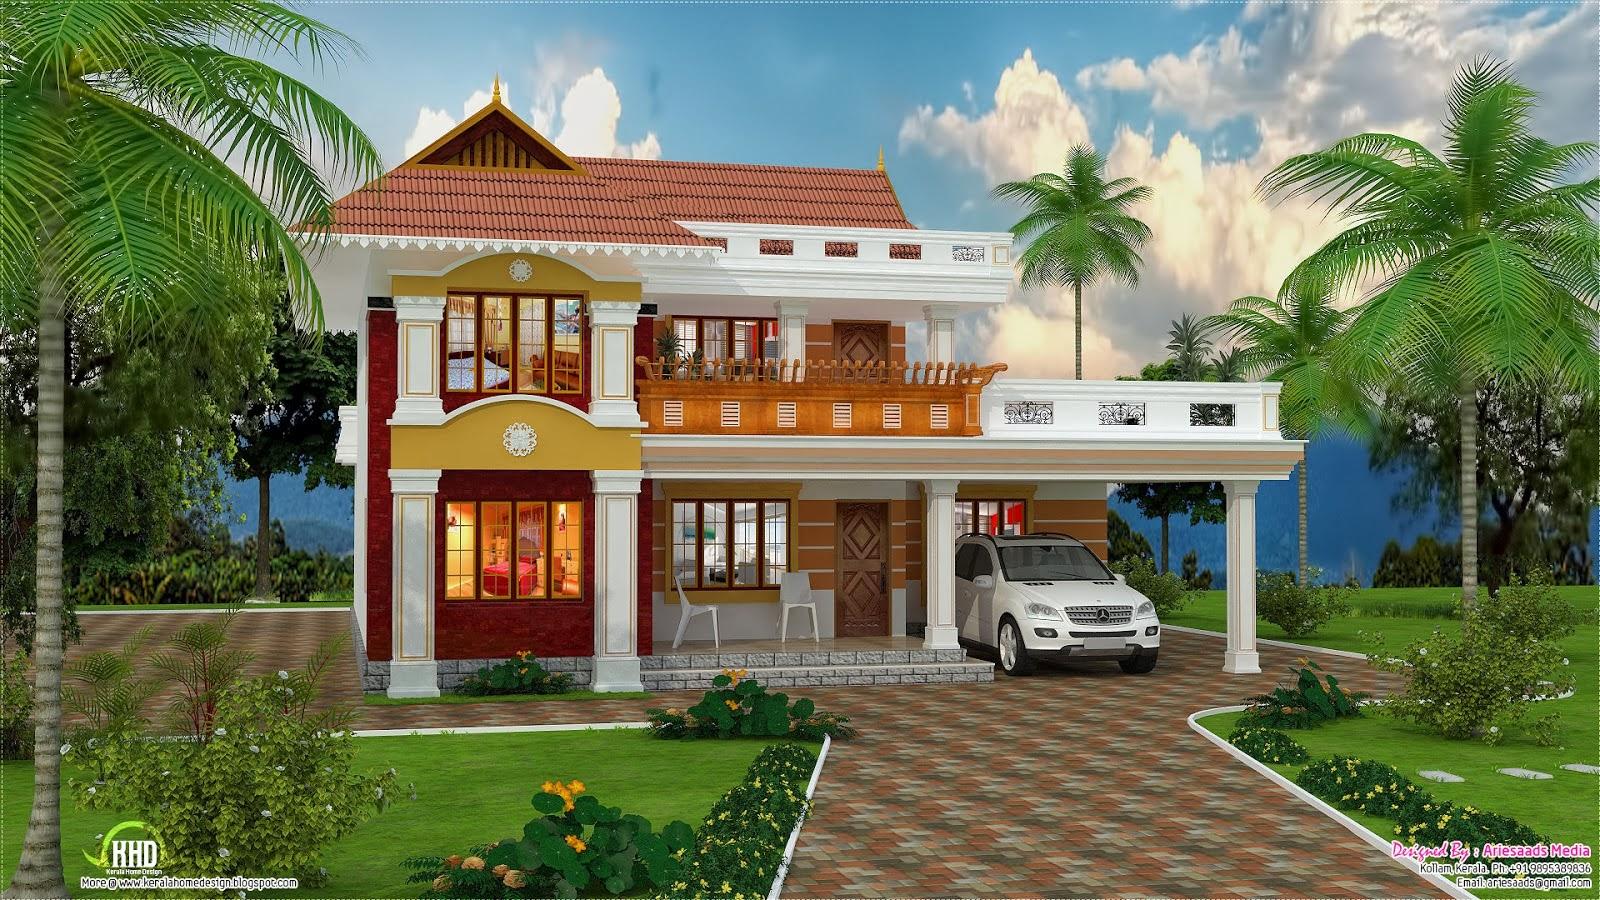 Beautiful House HD Wallpapers WallpaperSafari